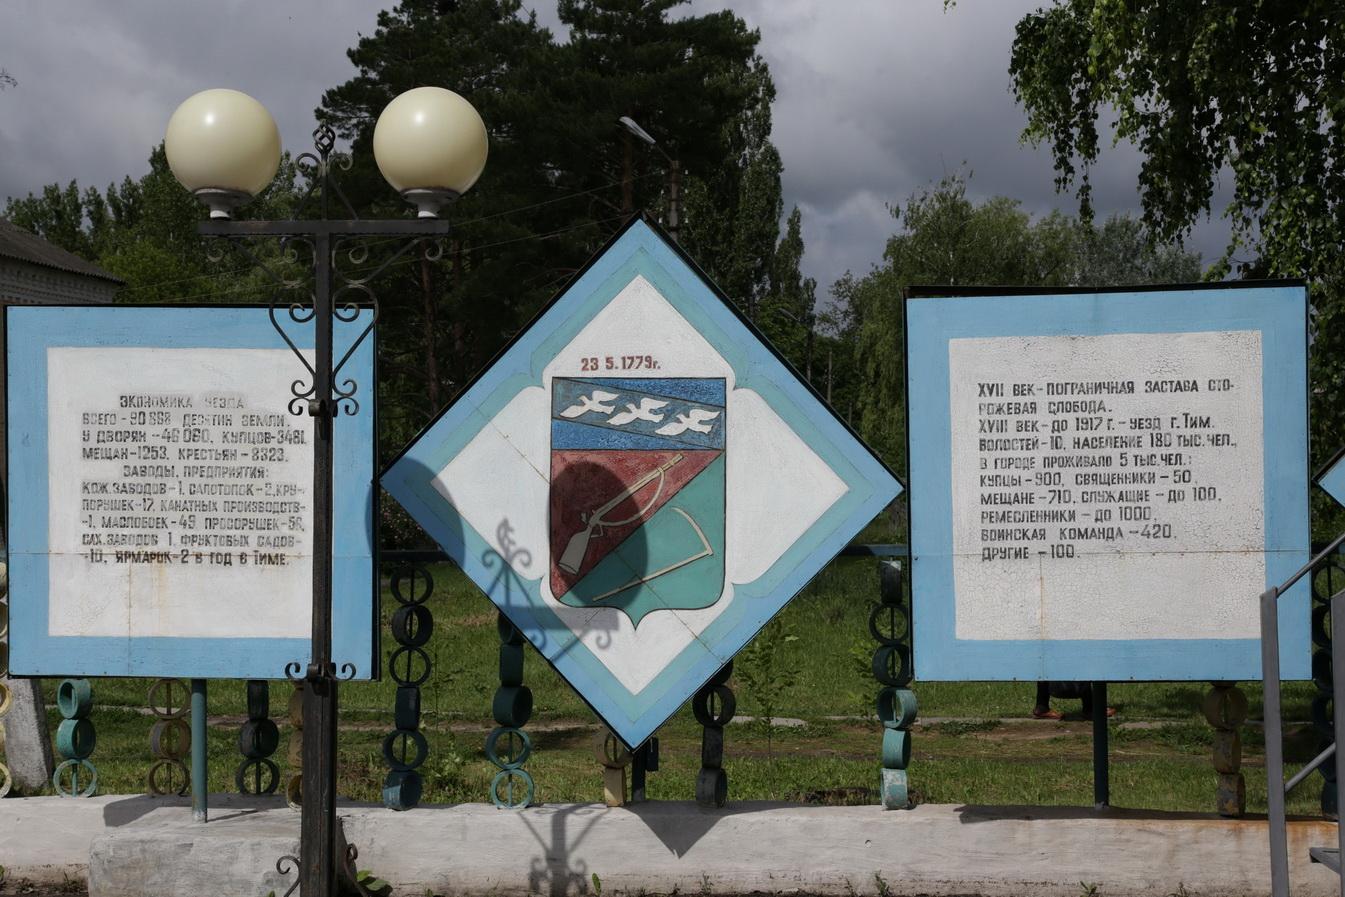 Ростелеком провёл интернет в посёлок Тим Курской области 1